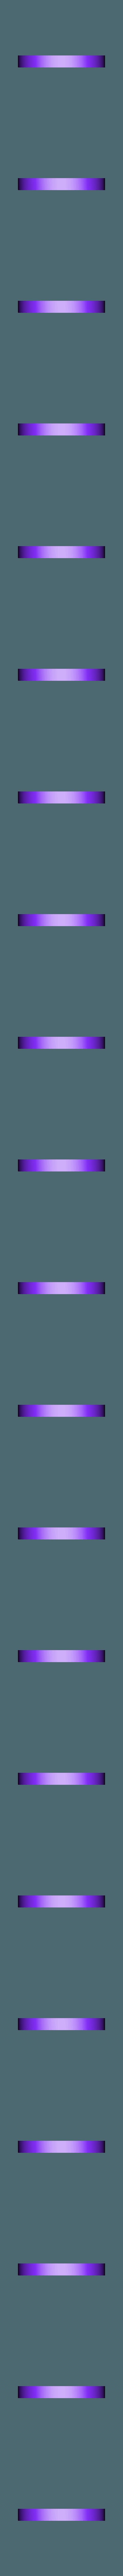 snitch_gold.STL Télécharger fichier STL gratuit Sous-verres multicolores Harry Potter • Design pour impression 3D, MosaicManufacturing